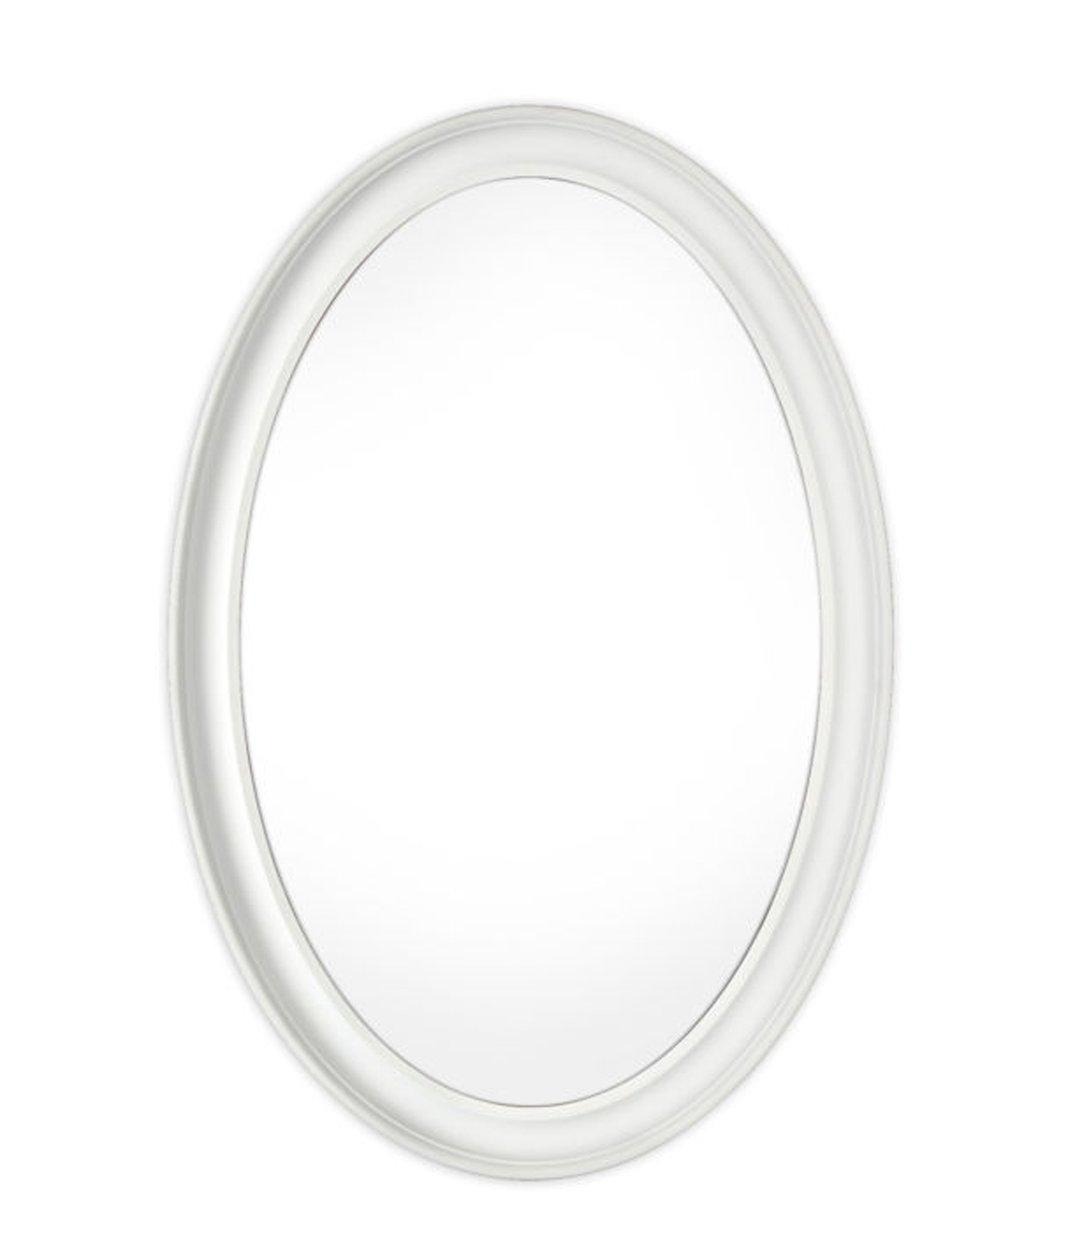 Innova Editions Mist gratuit Miroir ovale – Blanc (54 x 79 cm) -